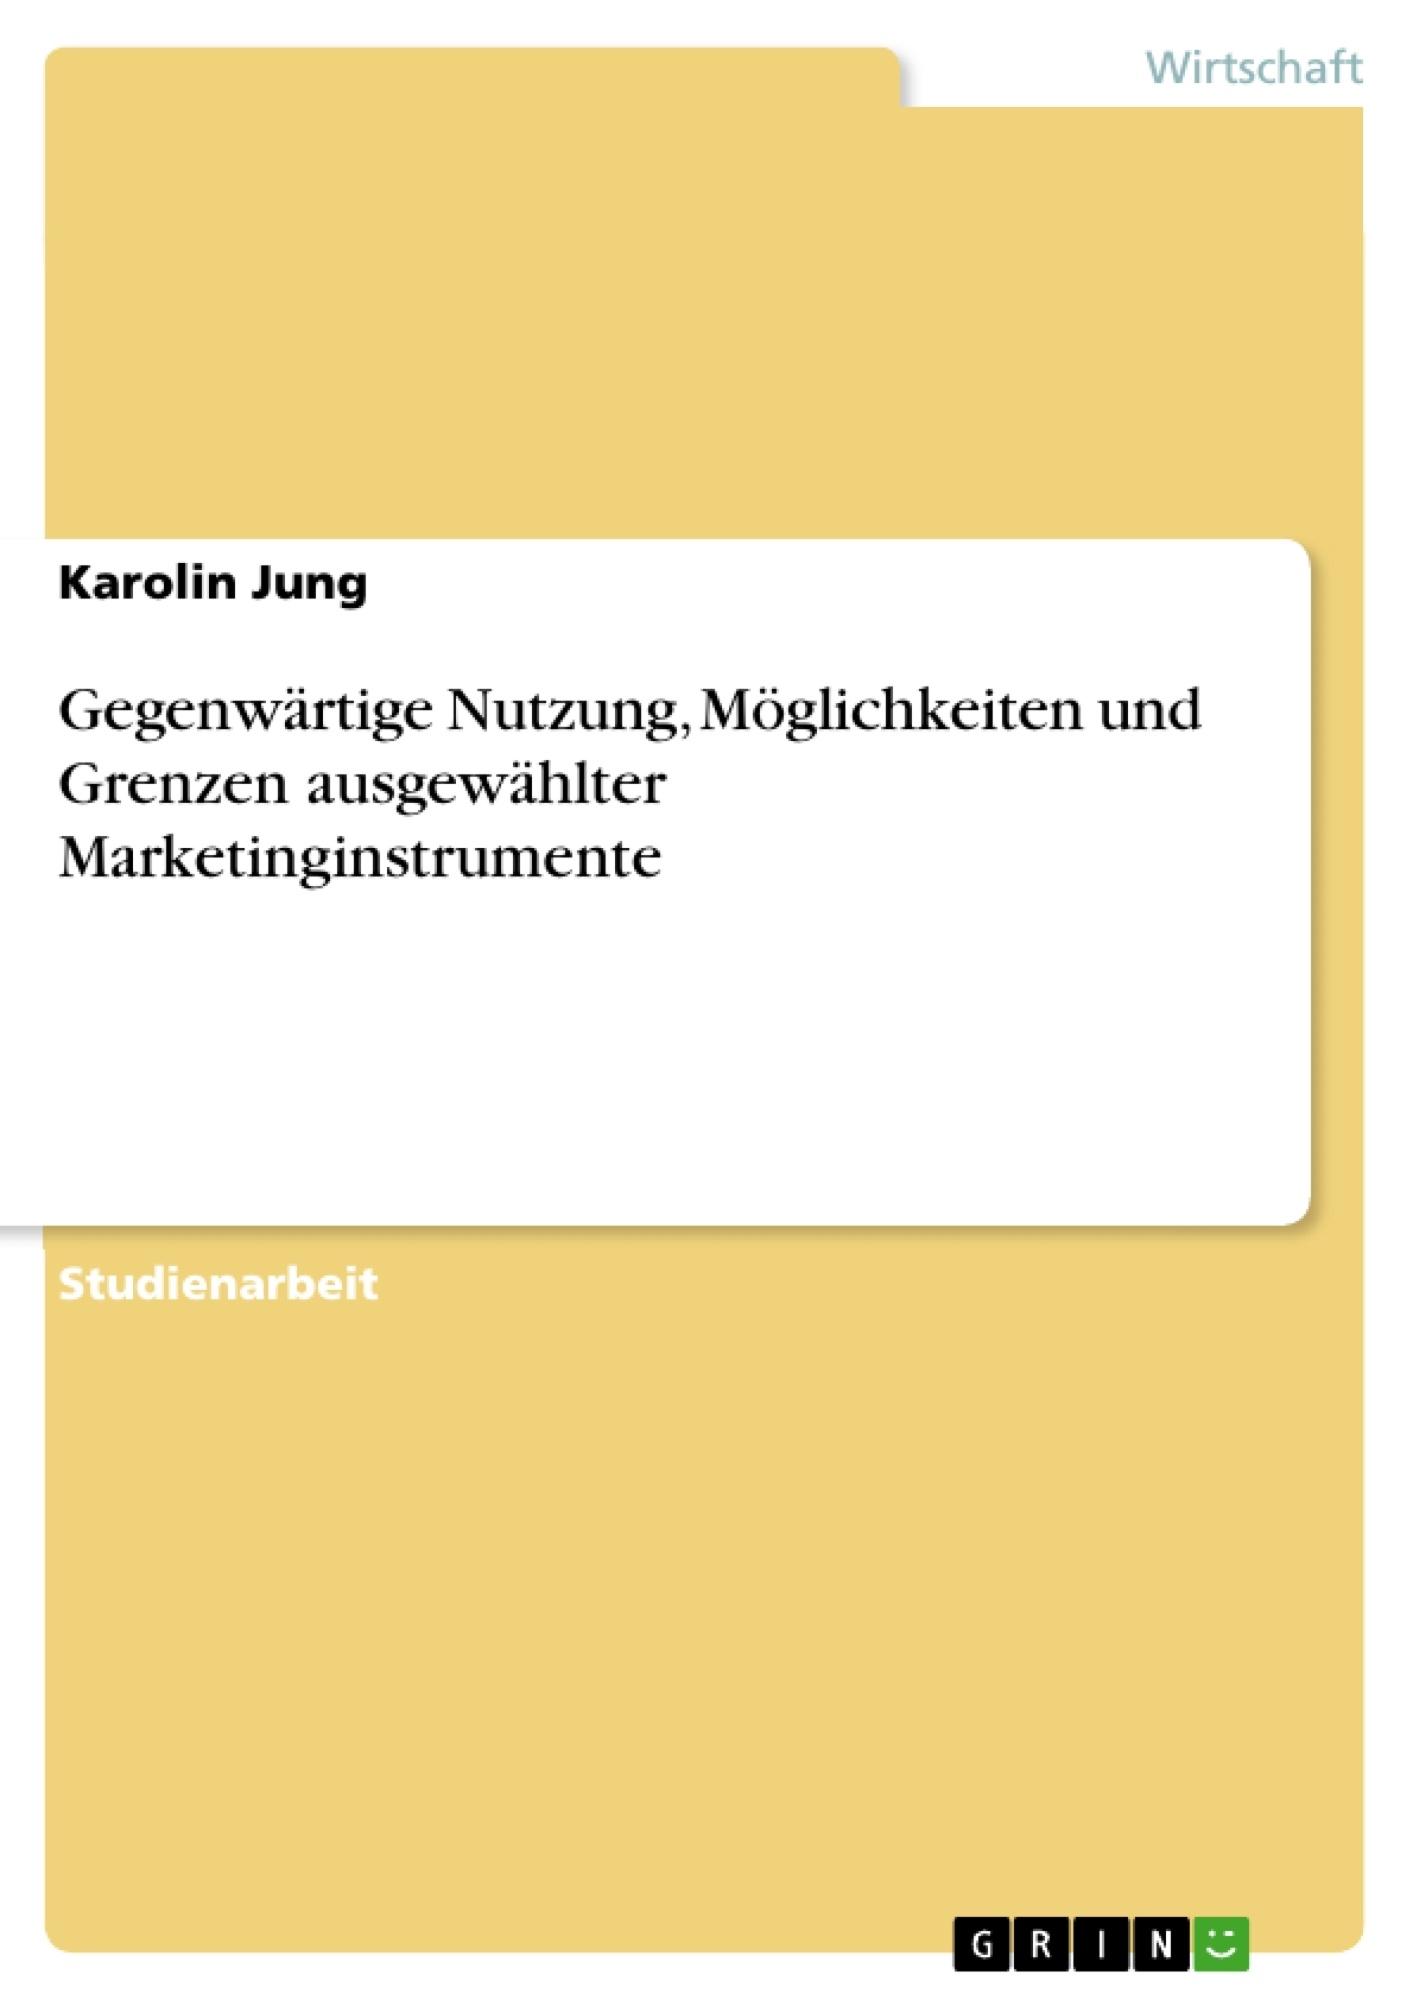 Titel: Gegenwärtige Nutzung, Möglichkeiten und Grenzen ausgewählter Marketinginstrumente